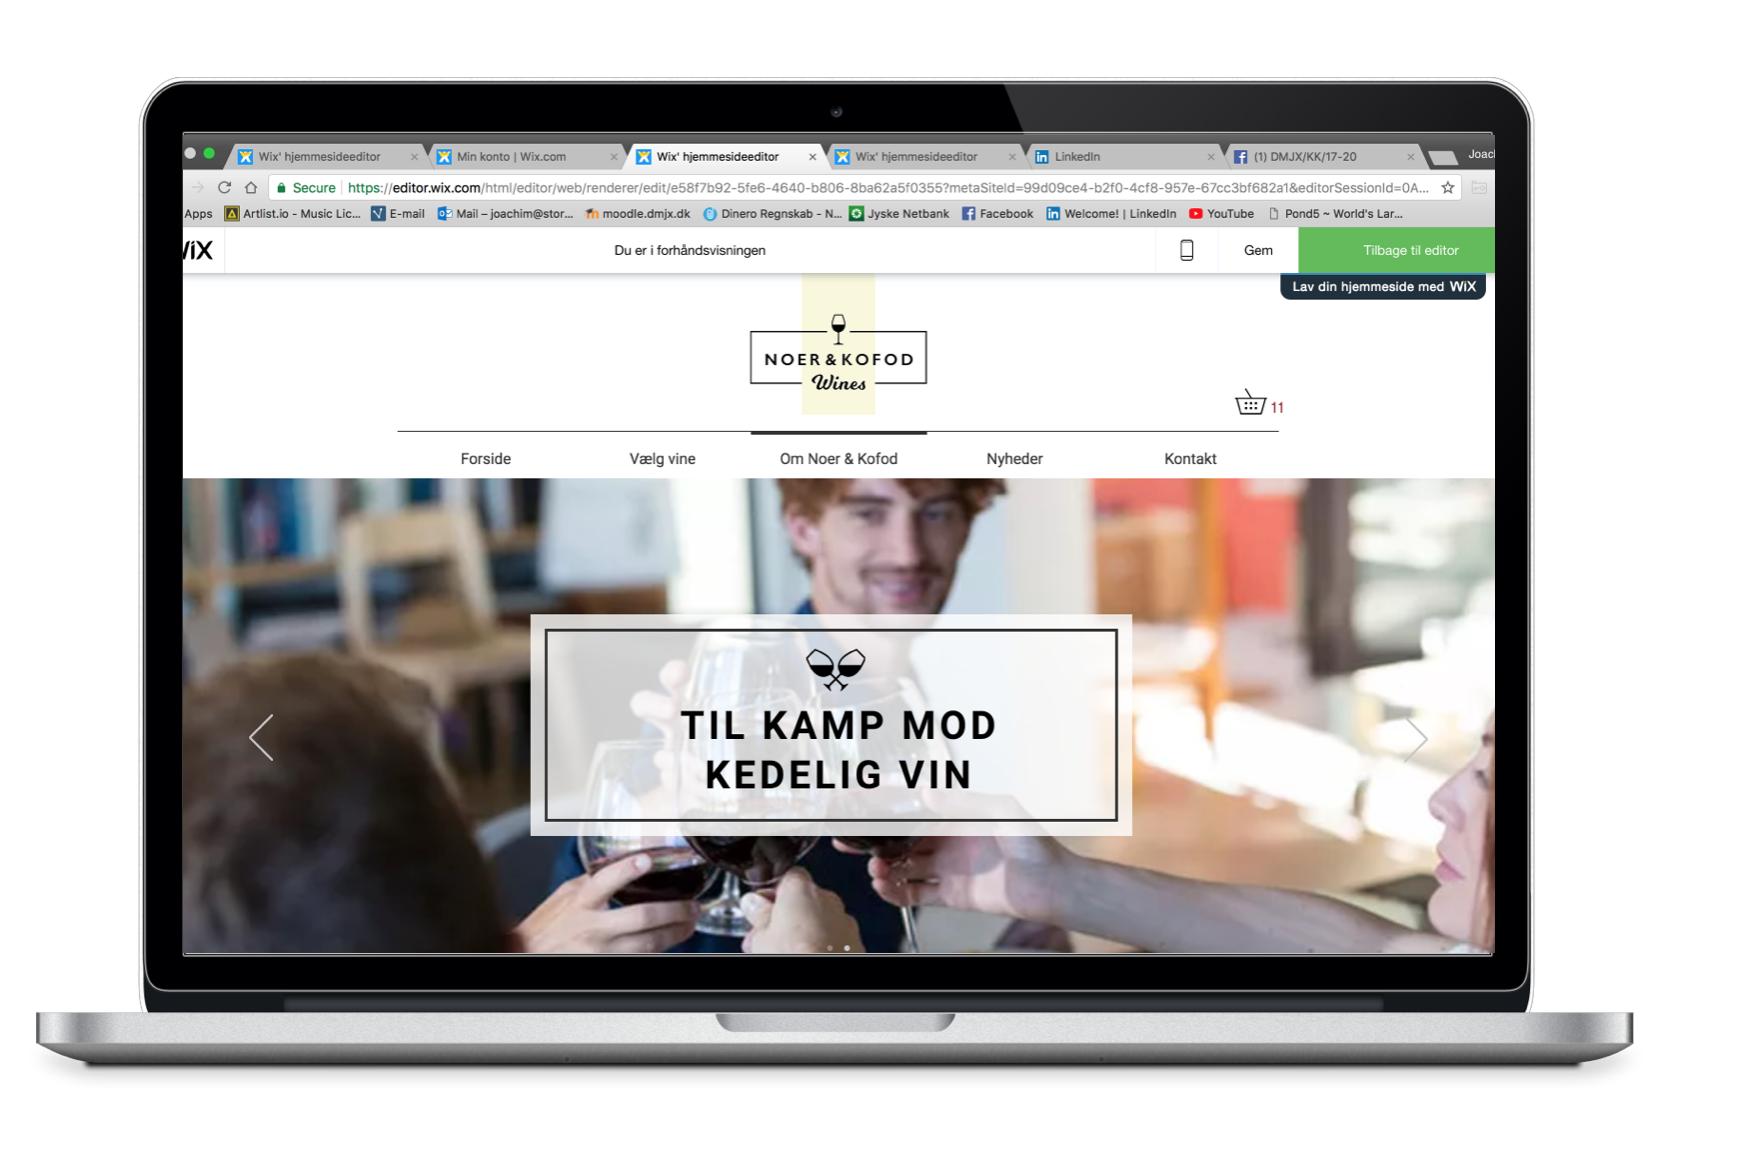 Noer & Kofod webshop